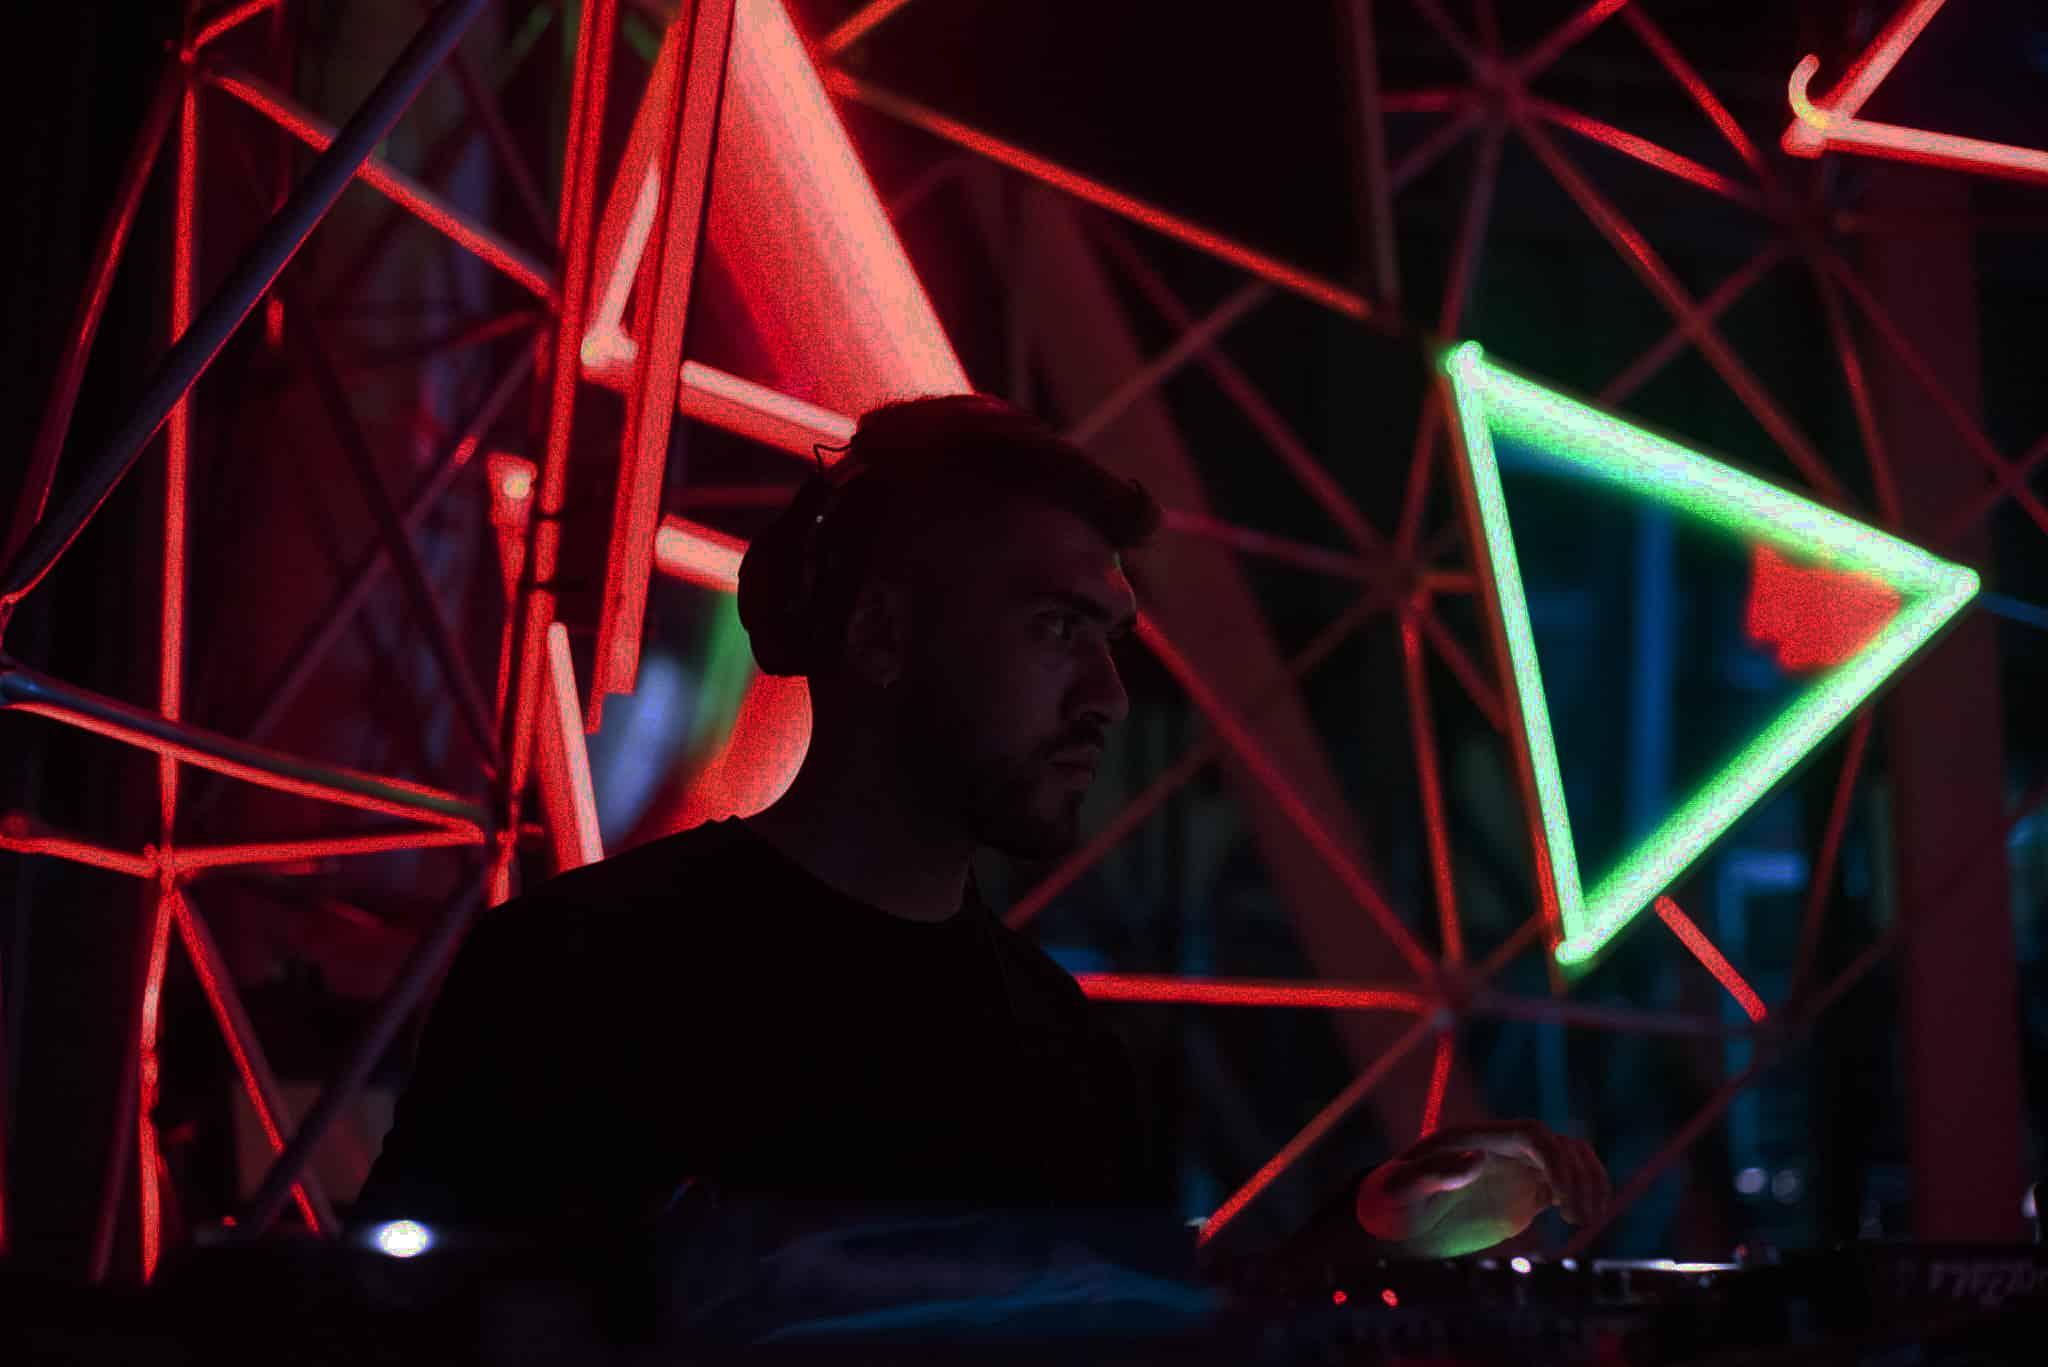 Escucha el nuevo álbum de Darkduction 'Mushrooms'